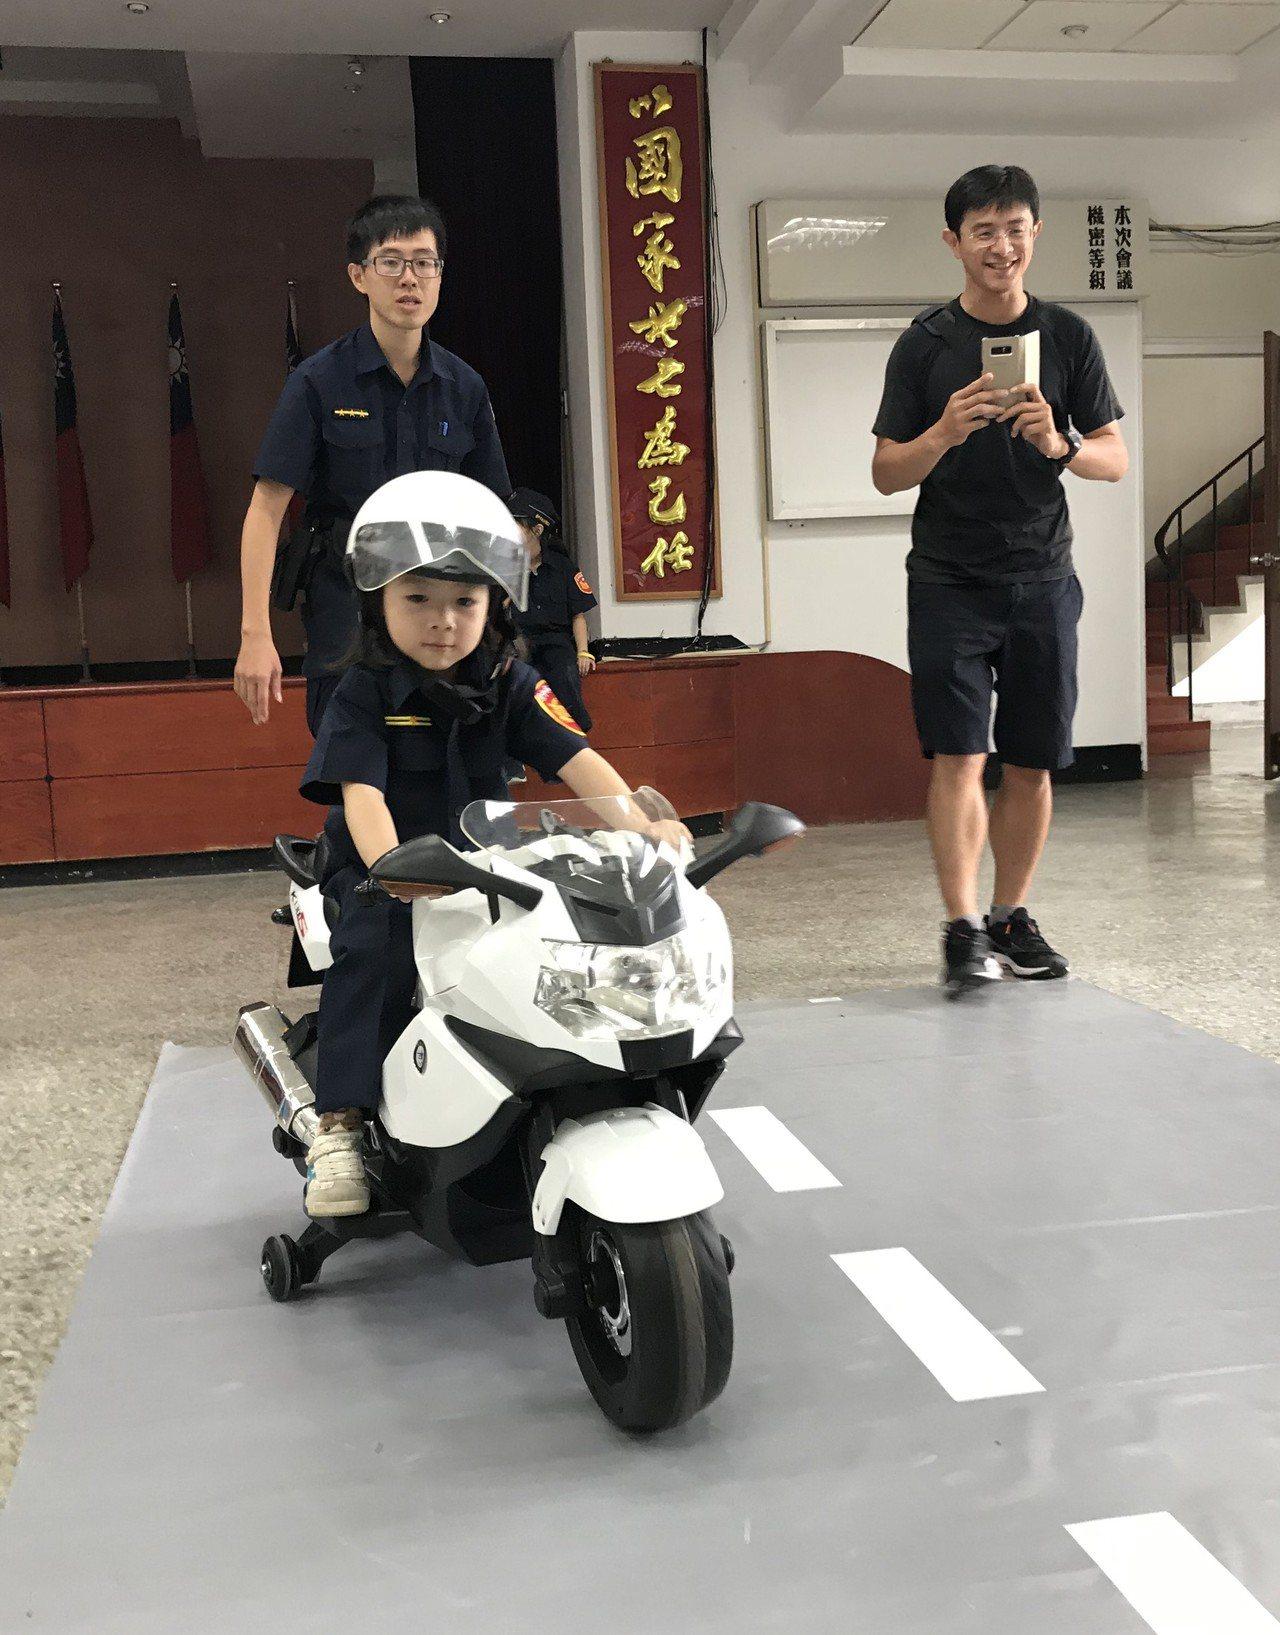 洪姓女童穿上迷你版新式警察制服,坐上Q版警用電動機車,模樣可愛。記者林佩均/攝影